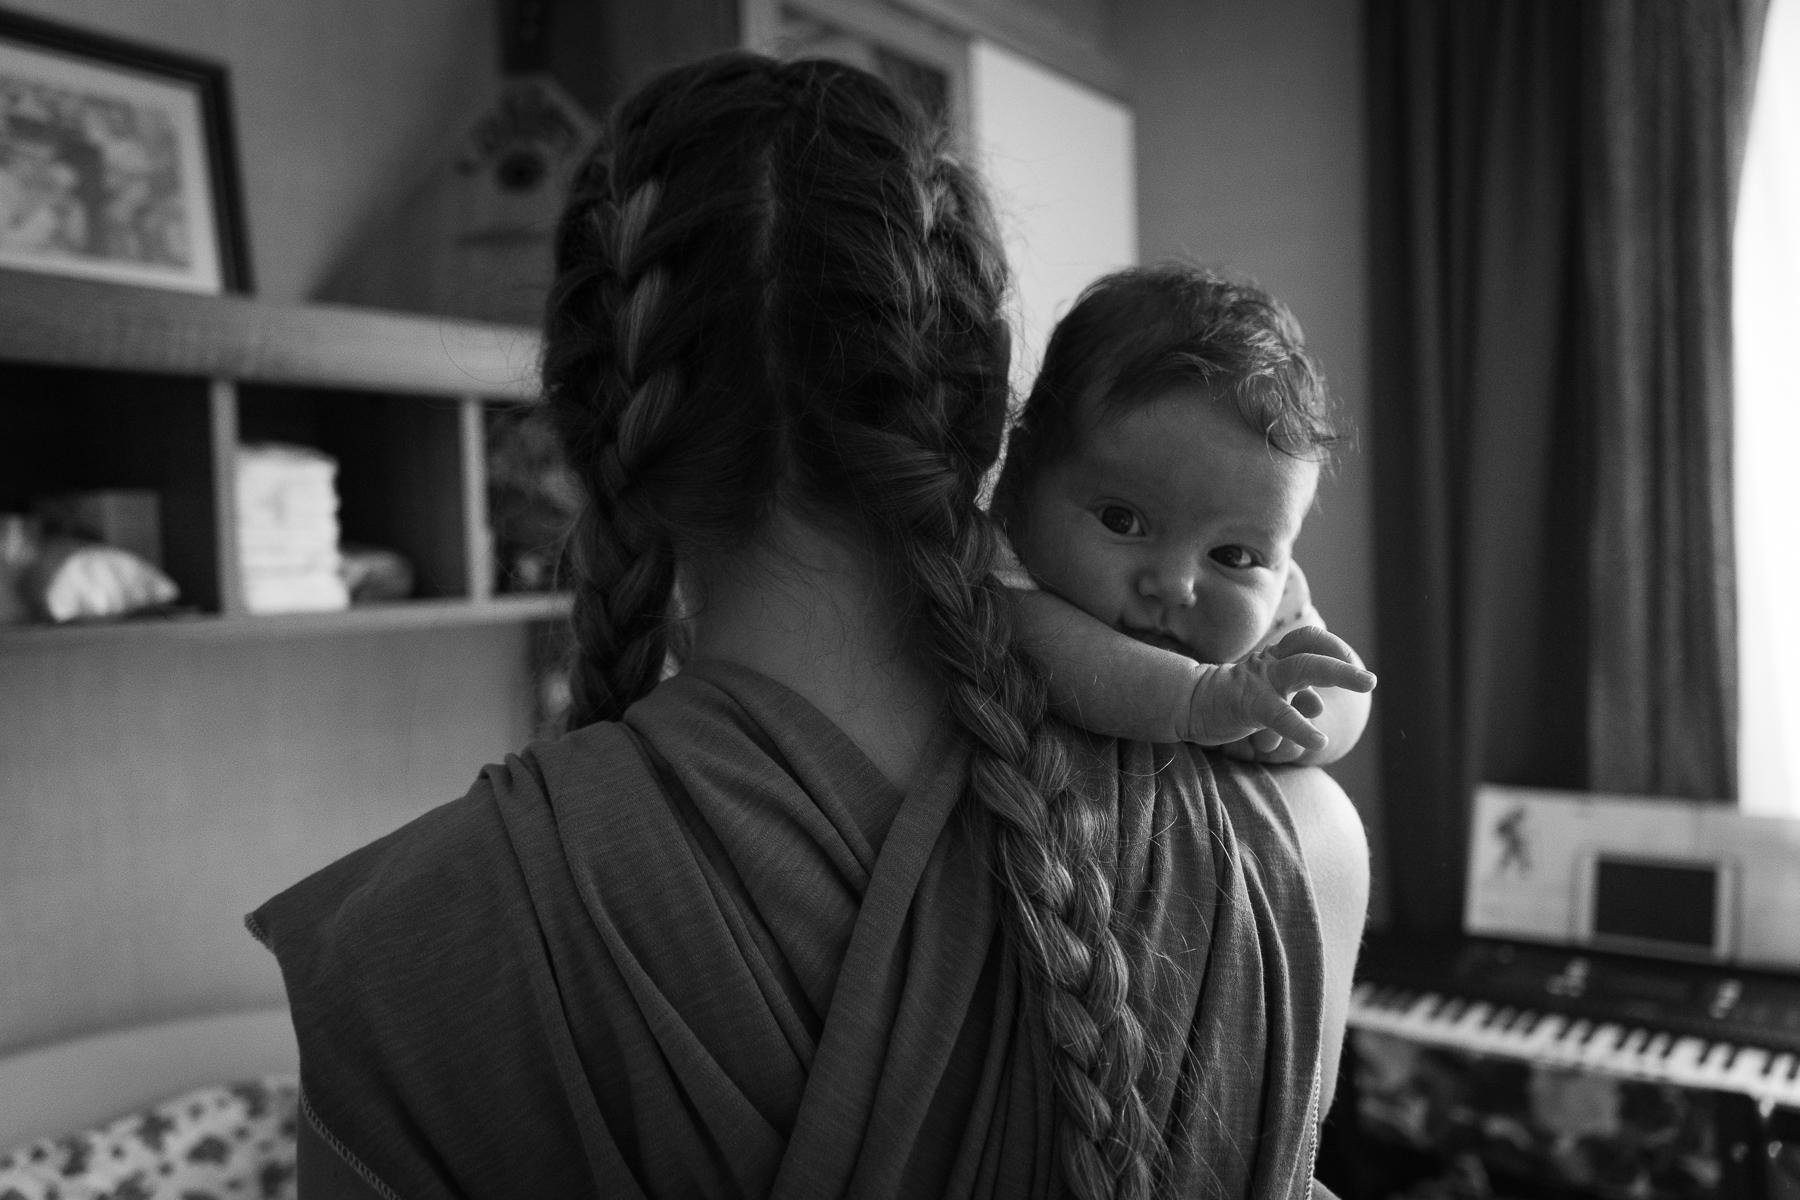 черно-белые фотографии новорожденных